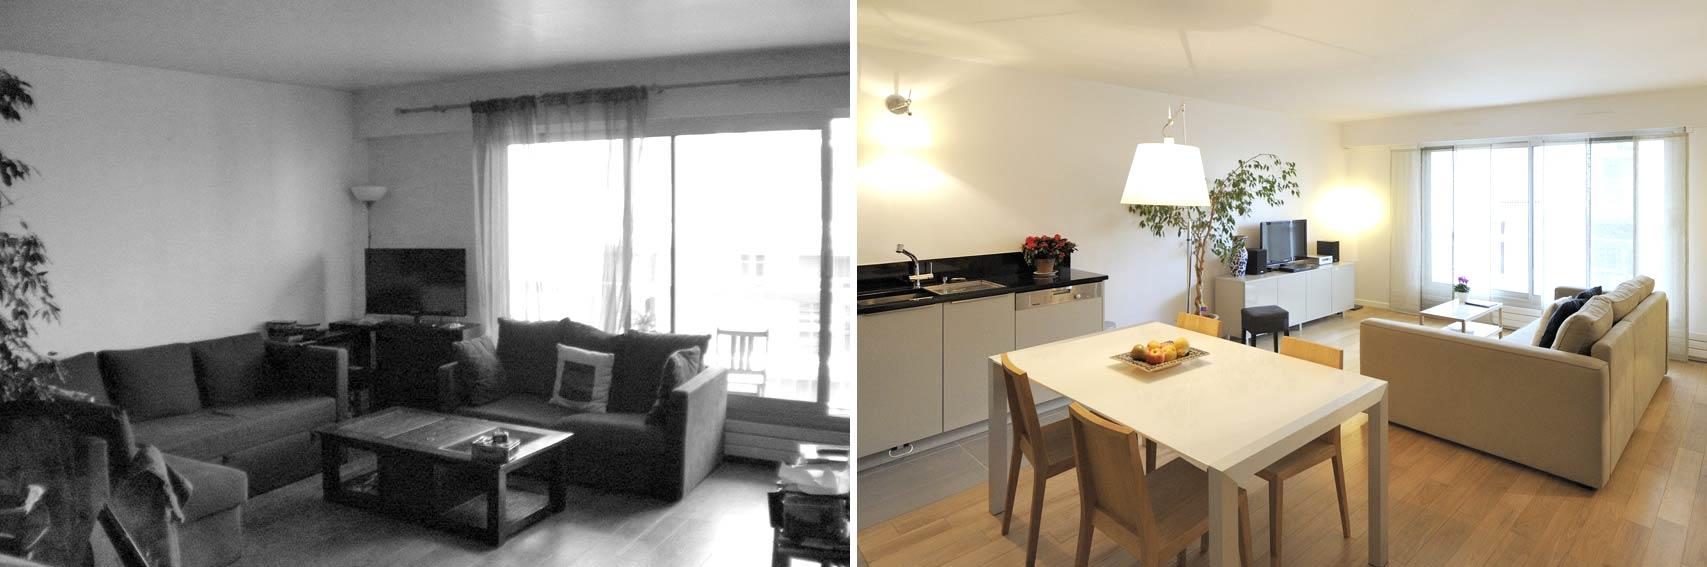 Avant apr s am nagement appartement 4 pi ces 90m2 - Relooking appartement avant apres ...